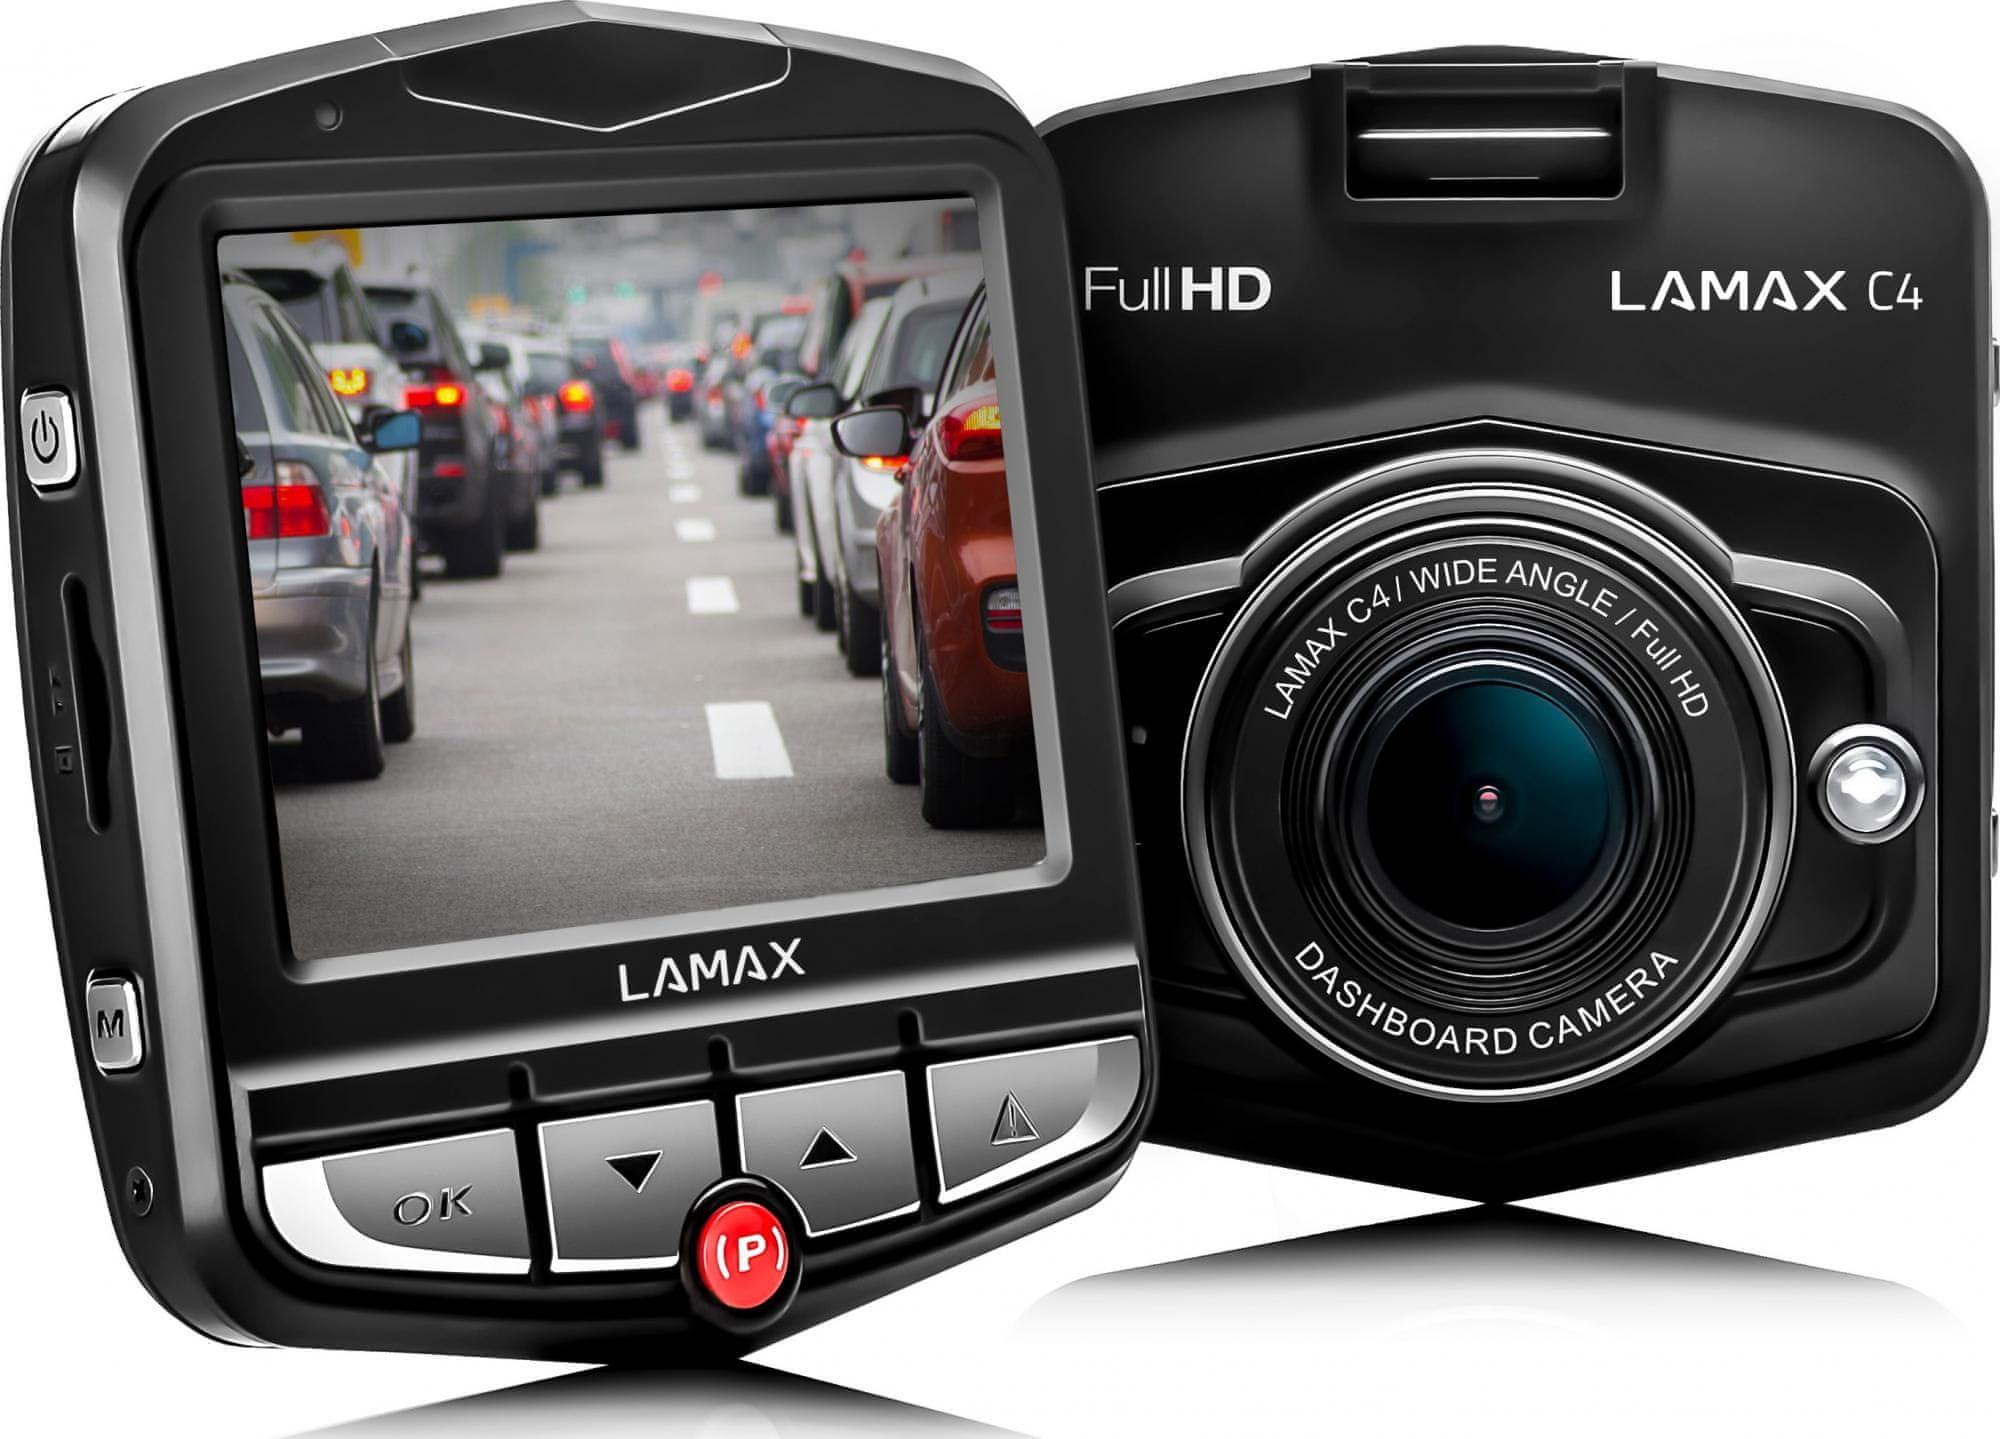 LAMAX C4